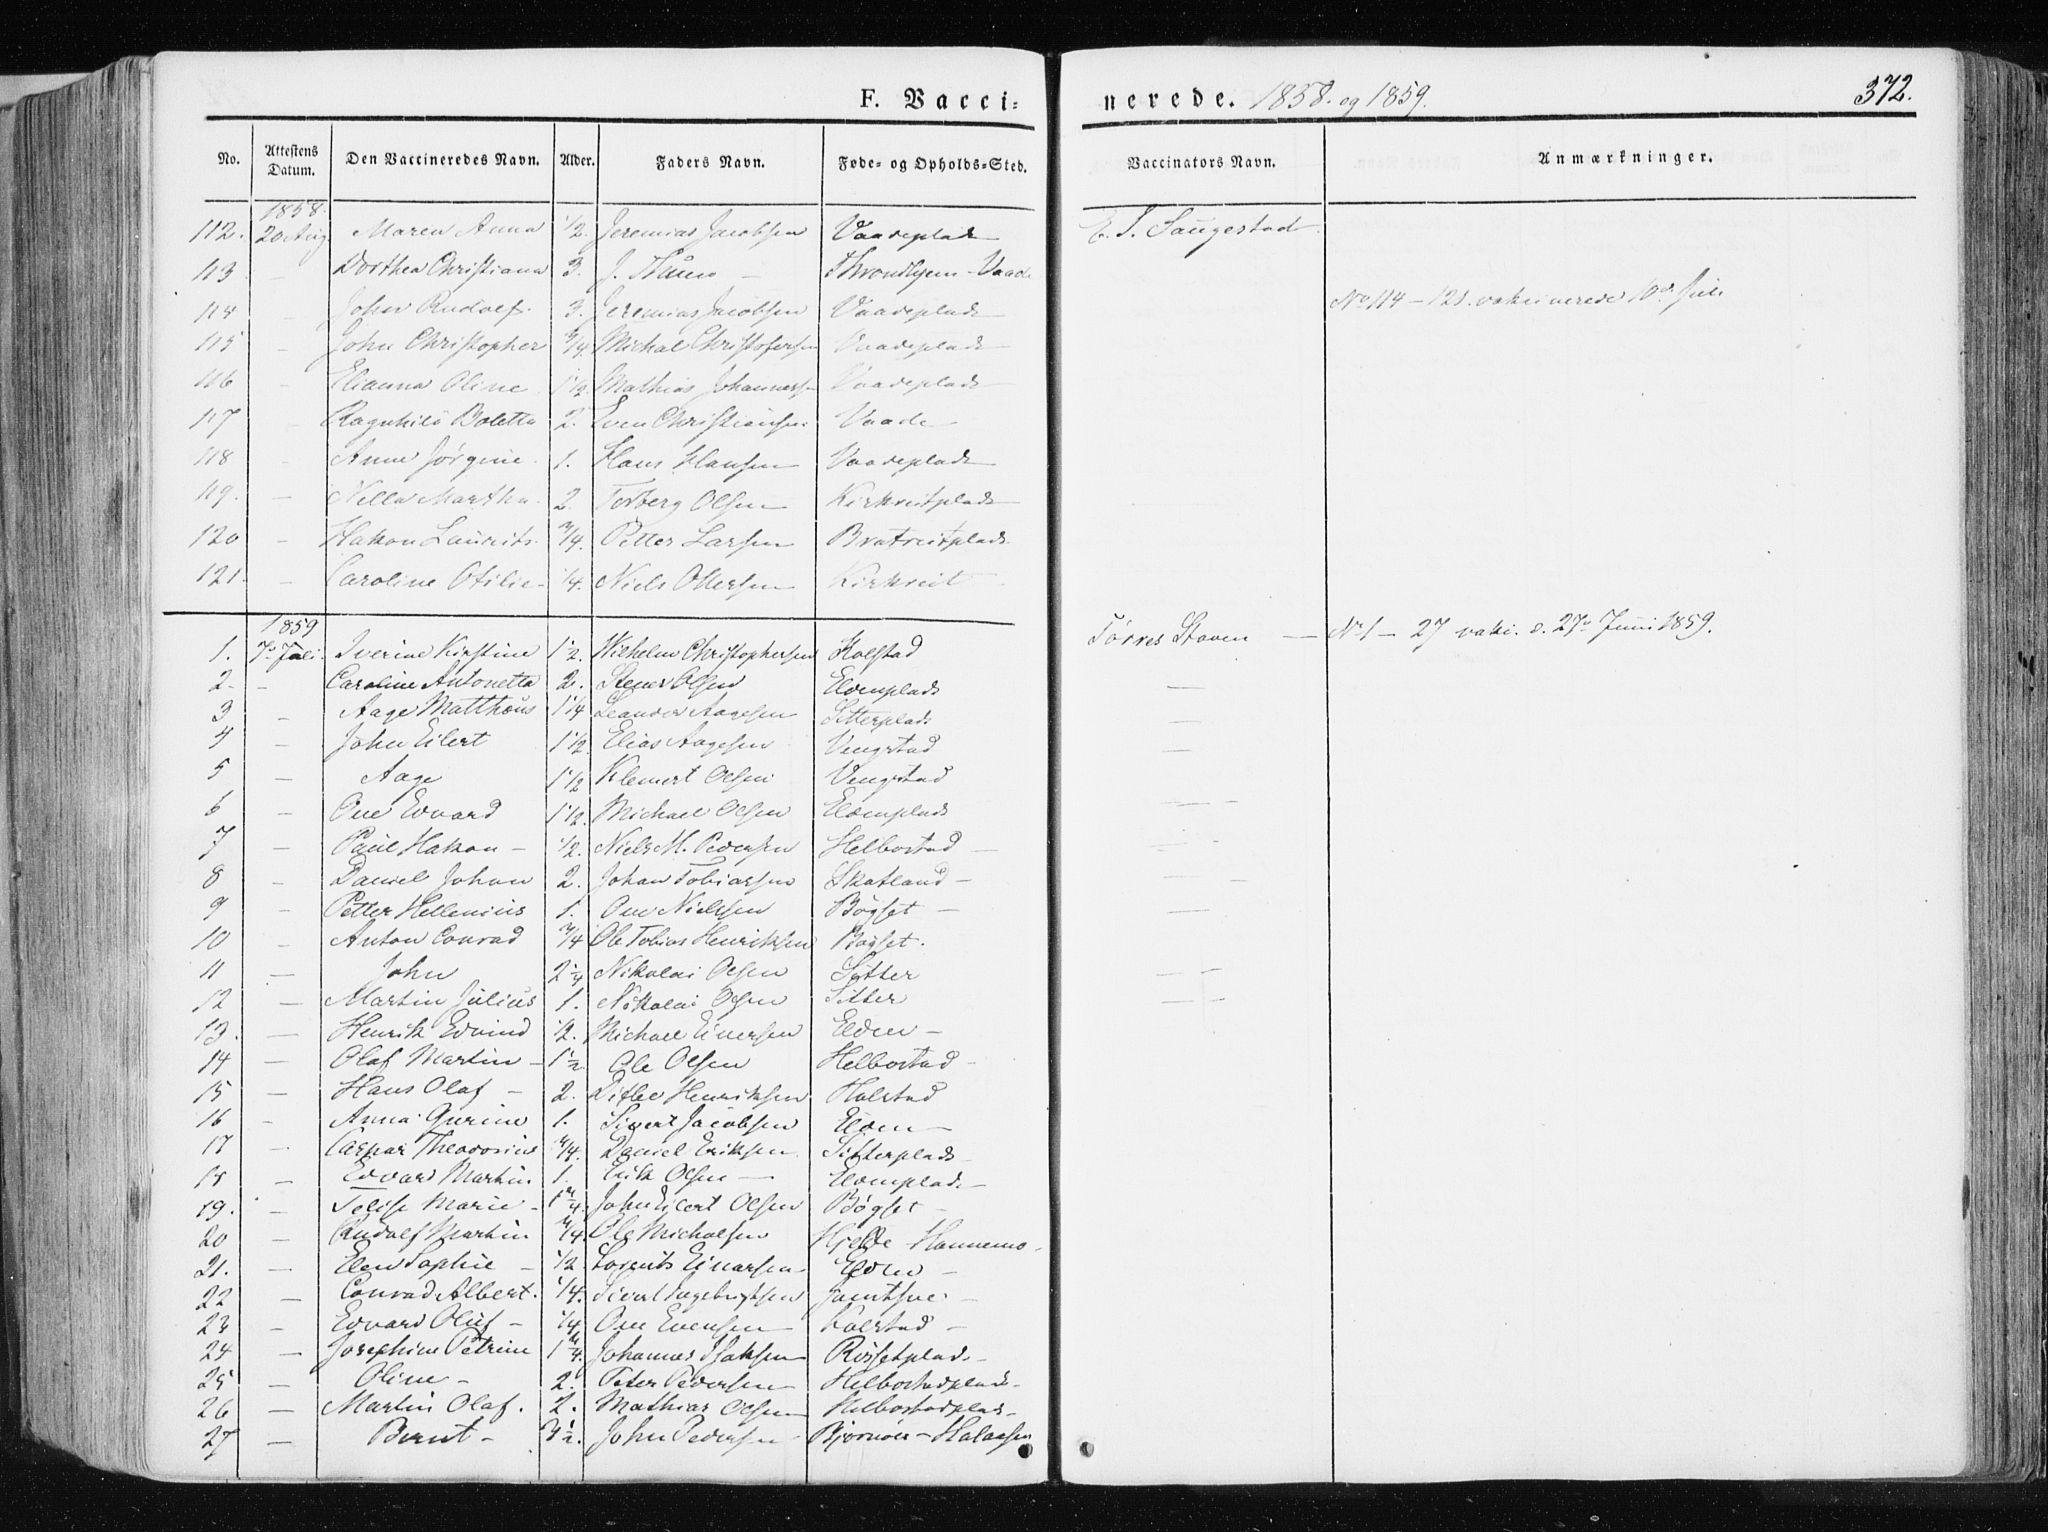 SAT, Ministerialprotokoller, klokkerbøker og fødselsregistre - Nord-Trøndelag, 741/L0393: Ministerialbok nr. 741A07, 1849-1863, s. 372